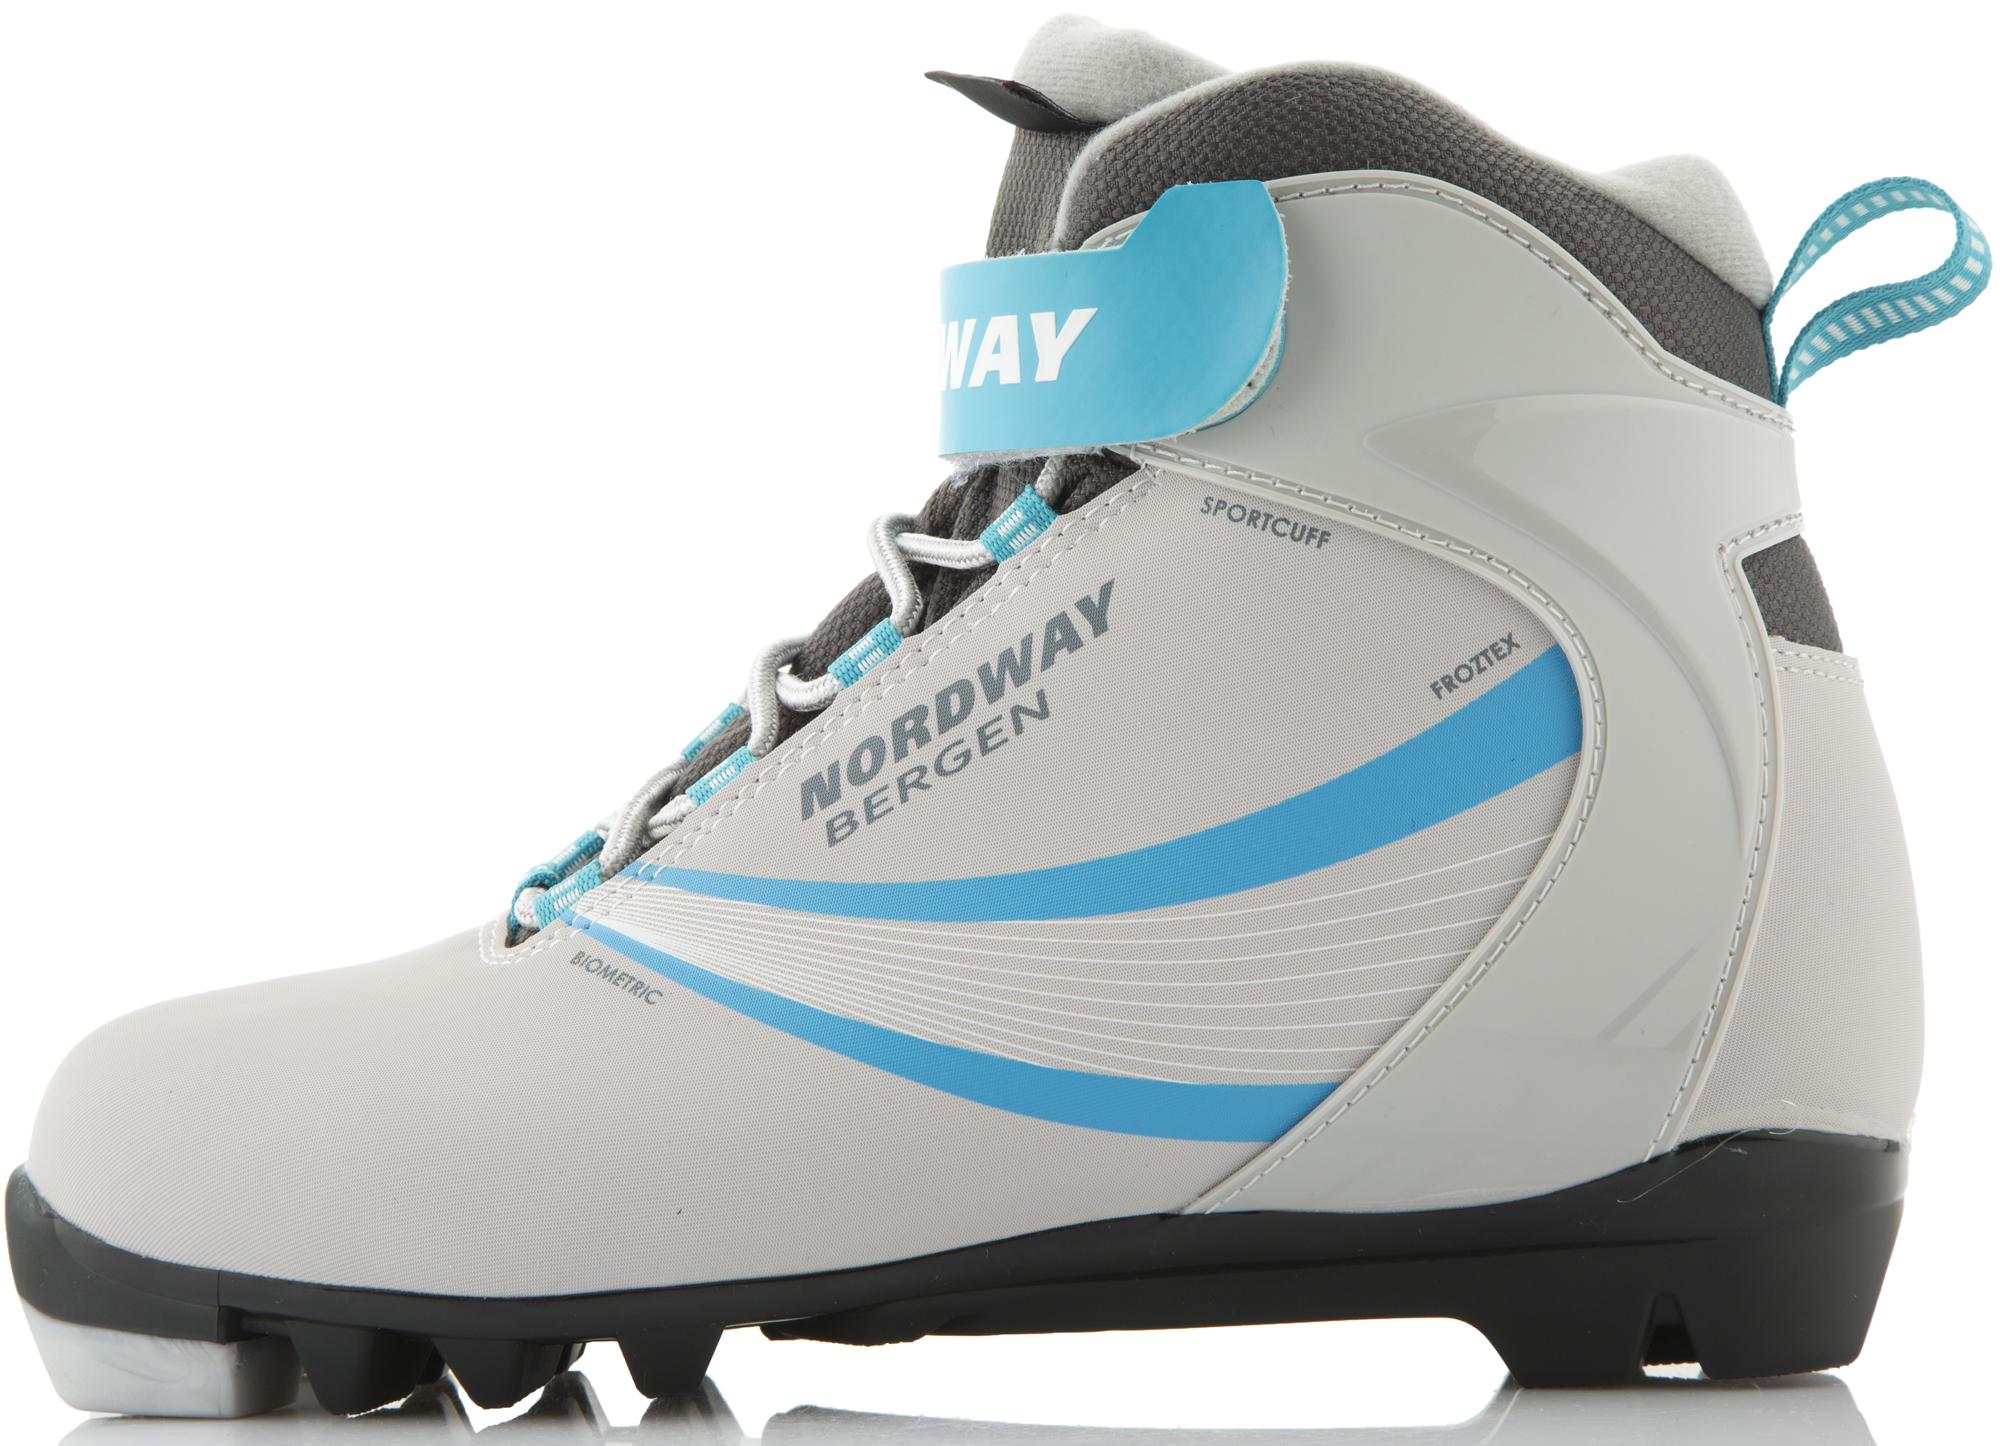 Nordway Ботинки для беговых лыж женские Nordway Bergen палки для беговых лыж женские nordway vega